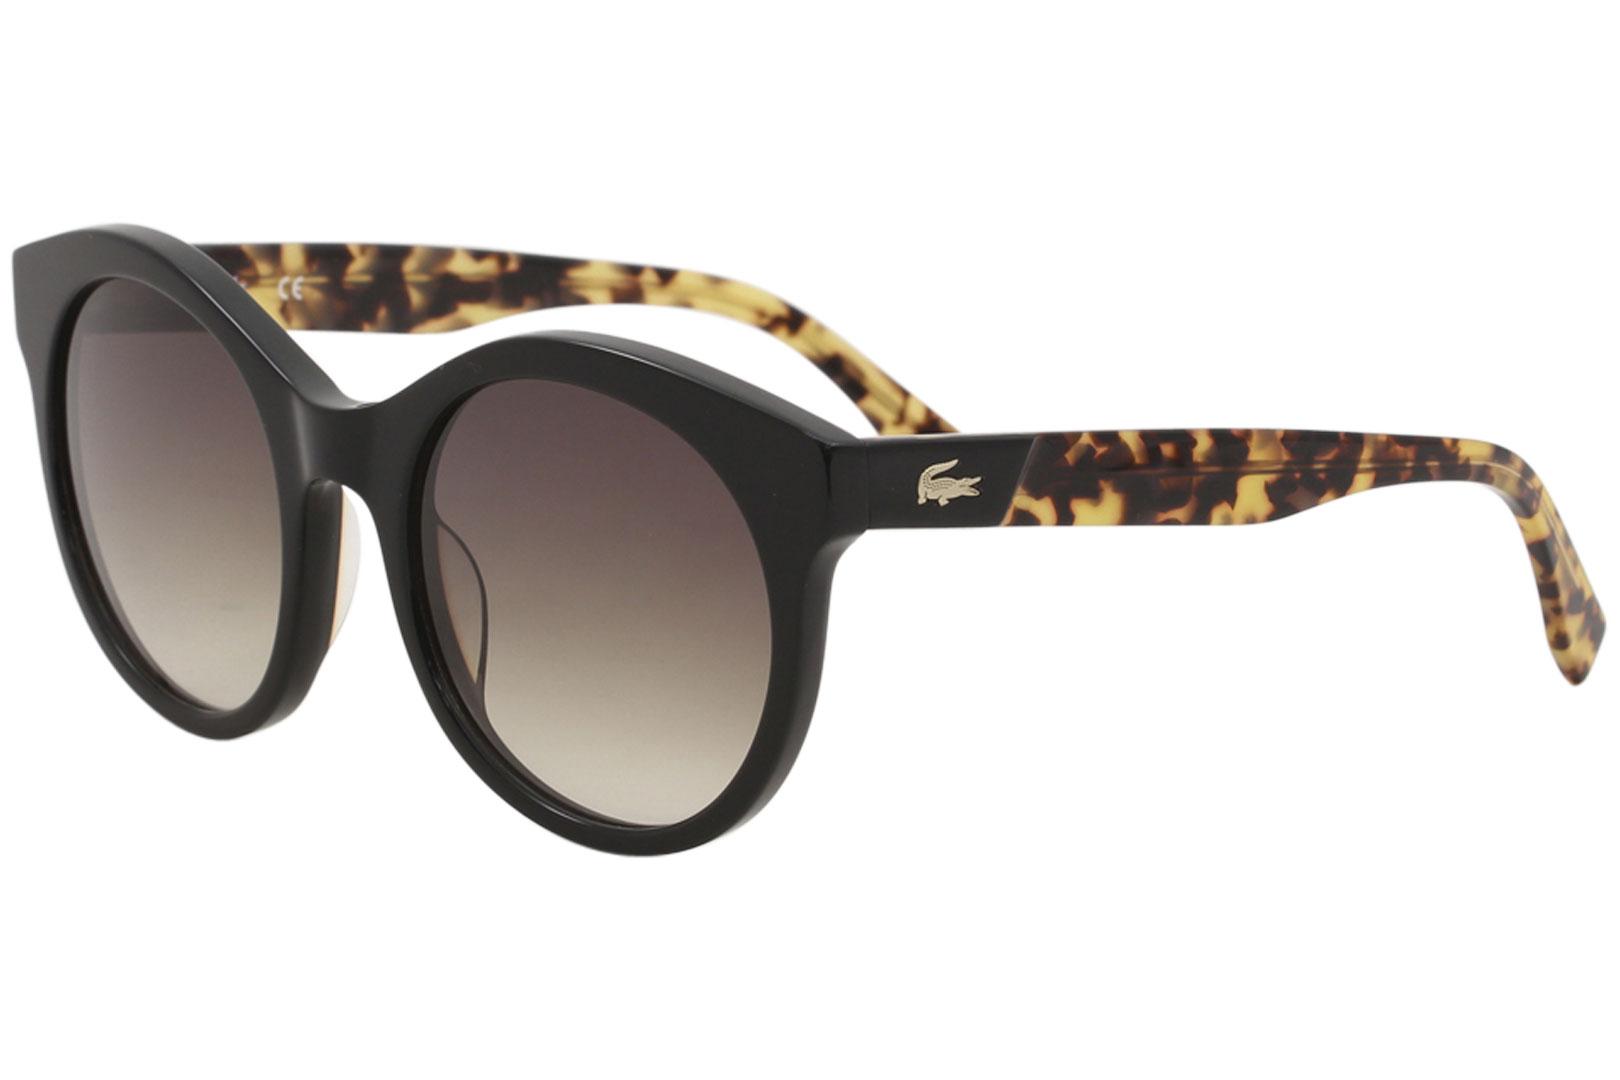 bcc56ece470 Details about Lacoste Men s L851S L 851 S 001 Black Tortoise Fashion Round  Sunglasses 53mm